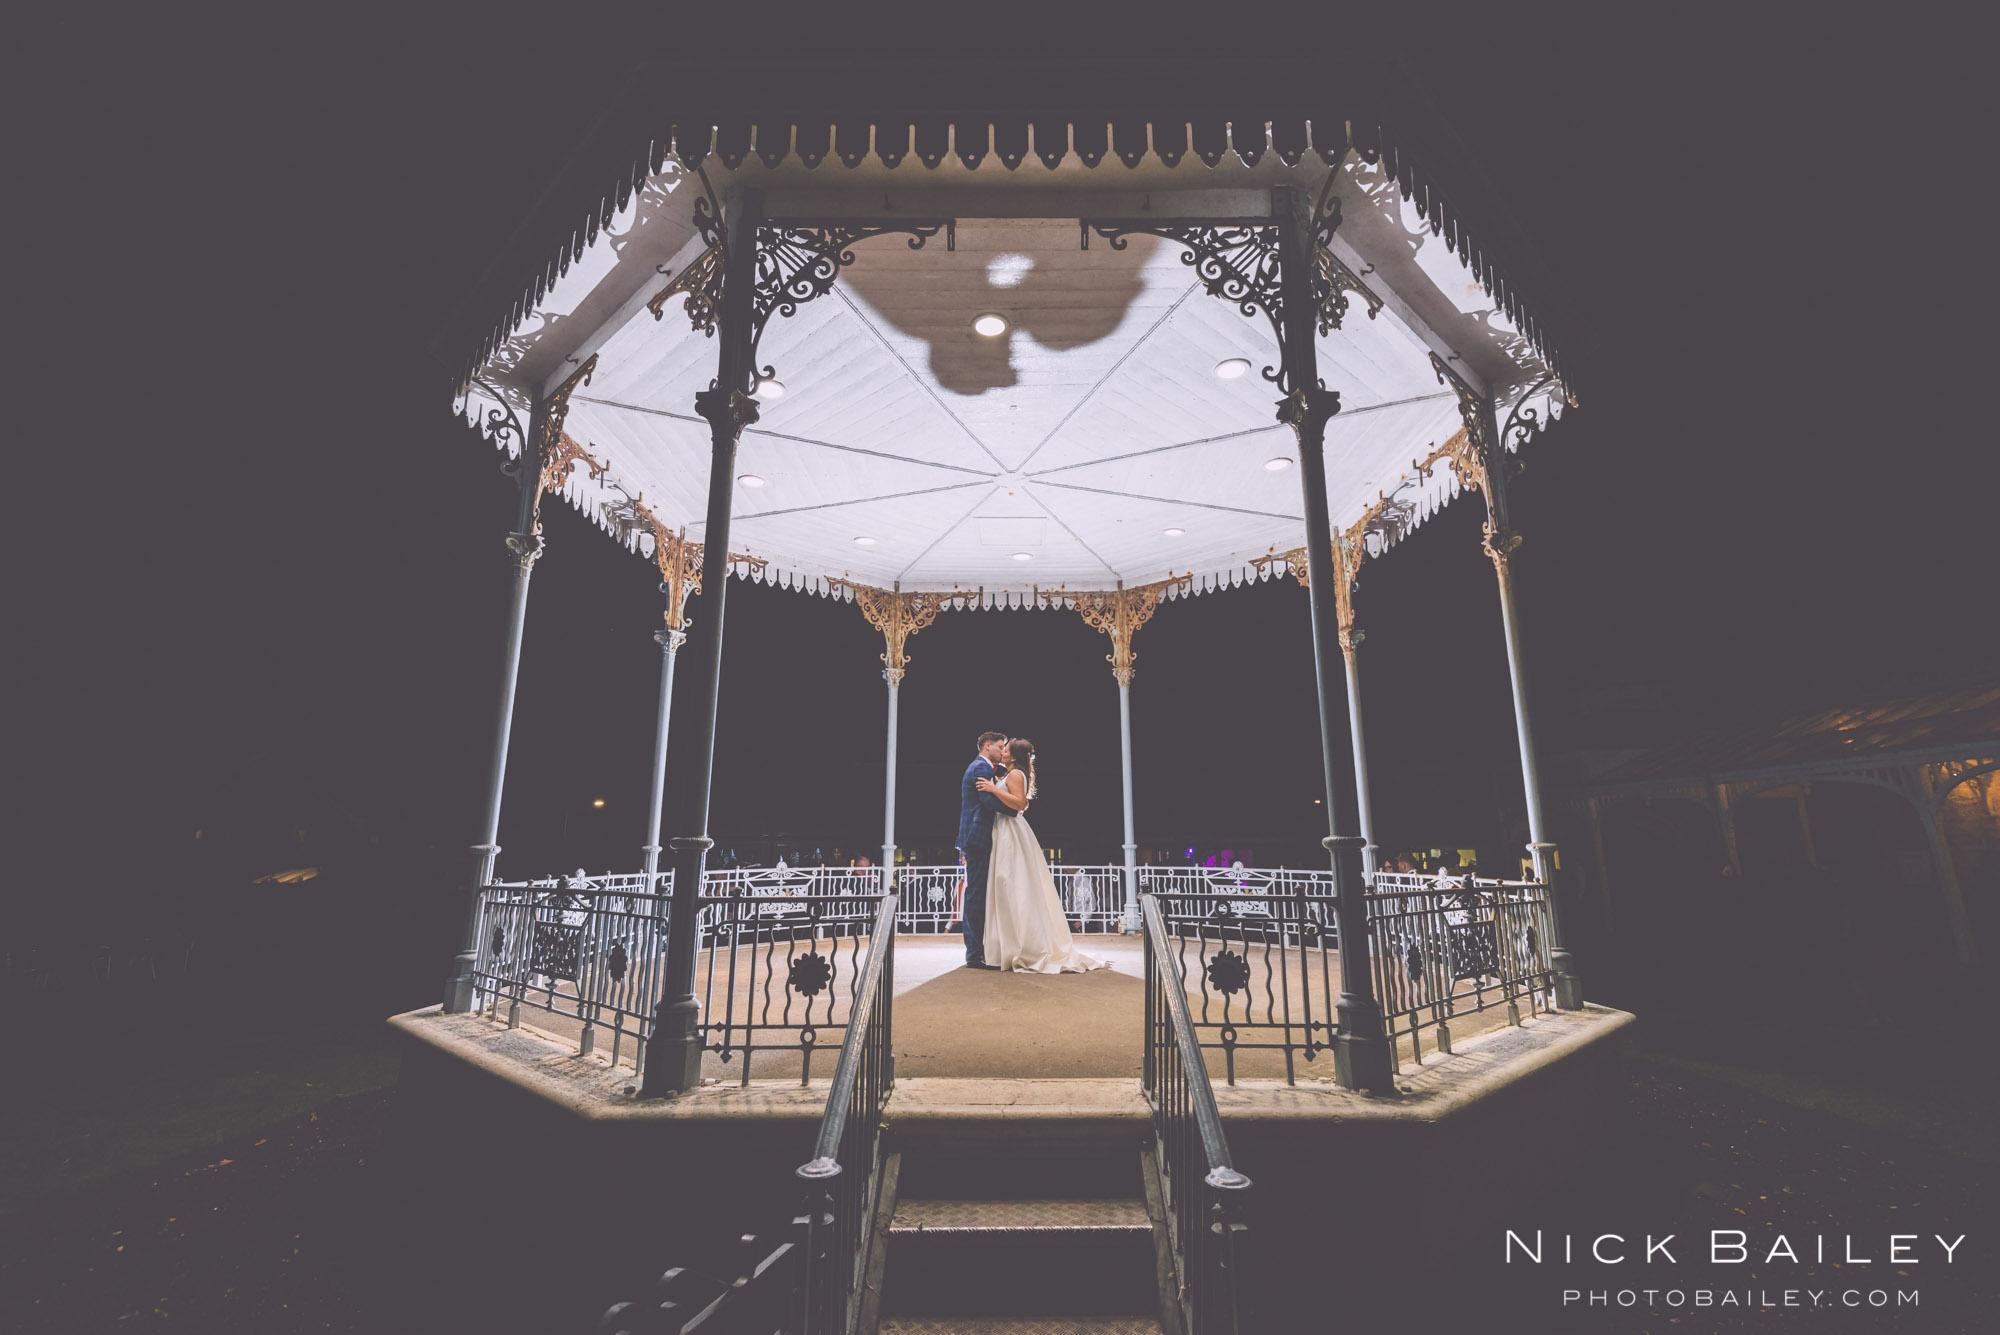 princess-pavilion-weddings-50.jpg